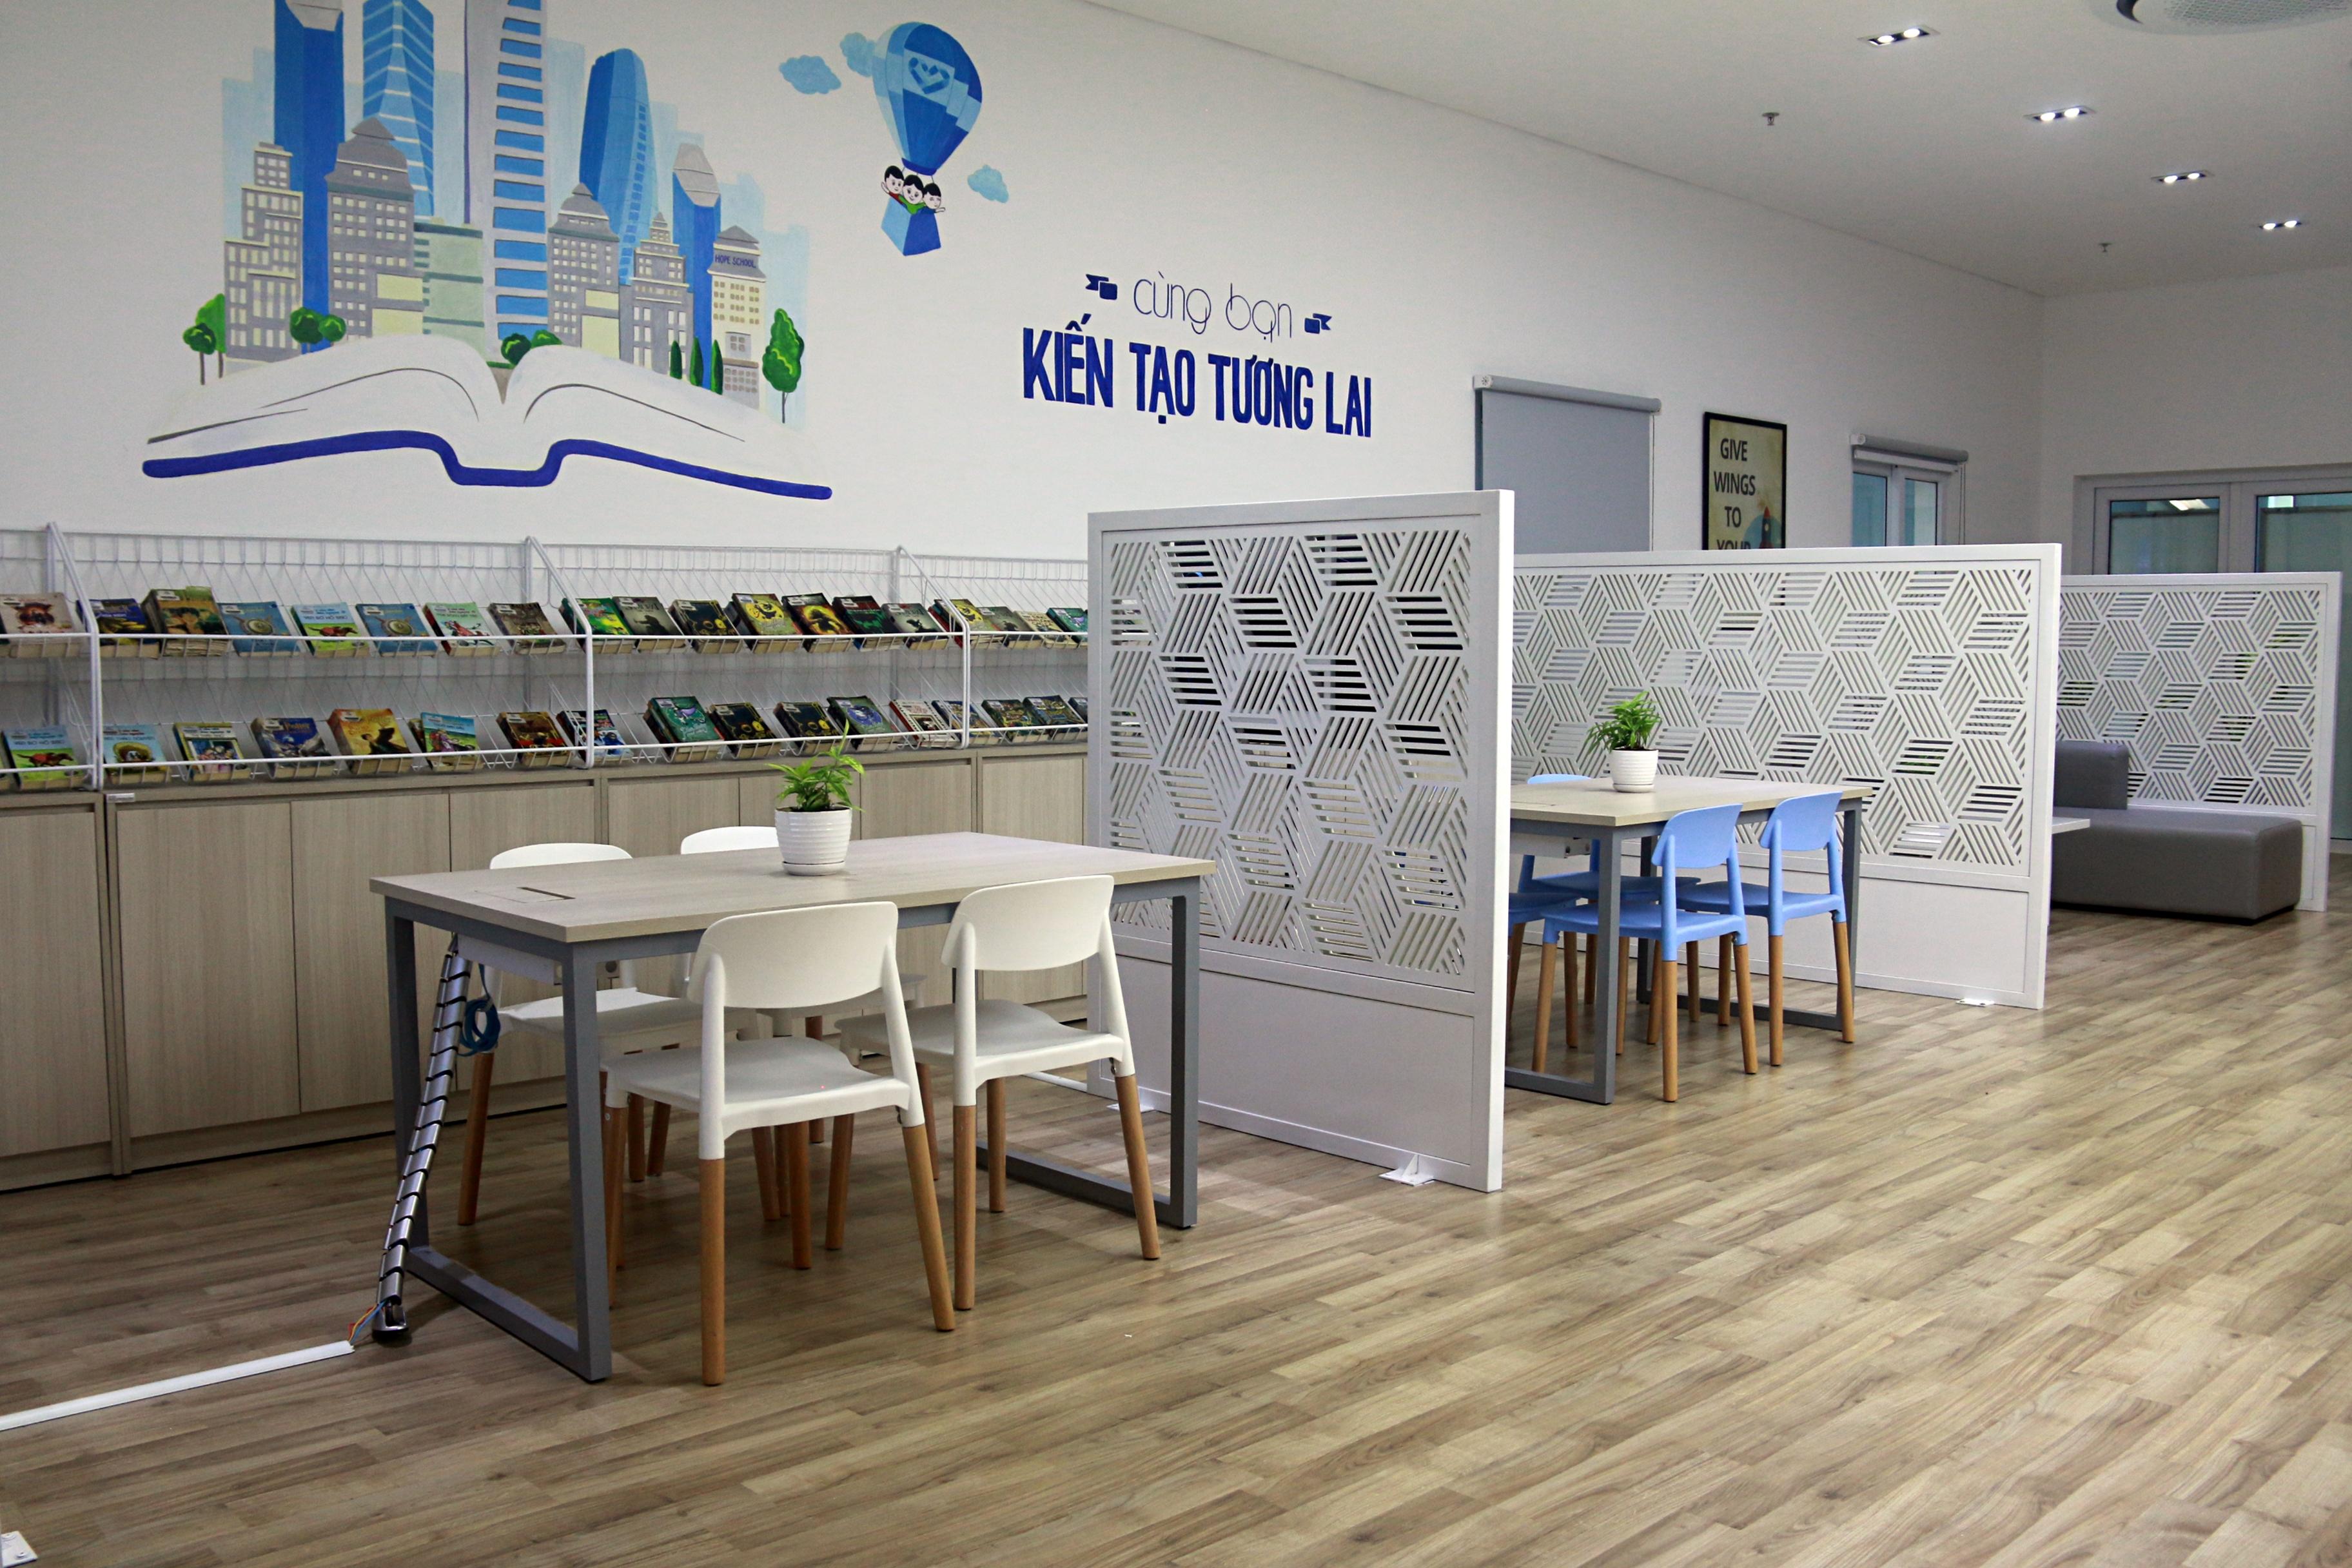 S.hub - không gian chia sẻ tri thức cực hot dành cho giới trẻ Đà Nẵng - Ảnh 7.